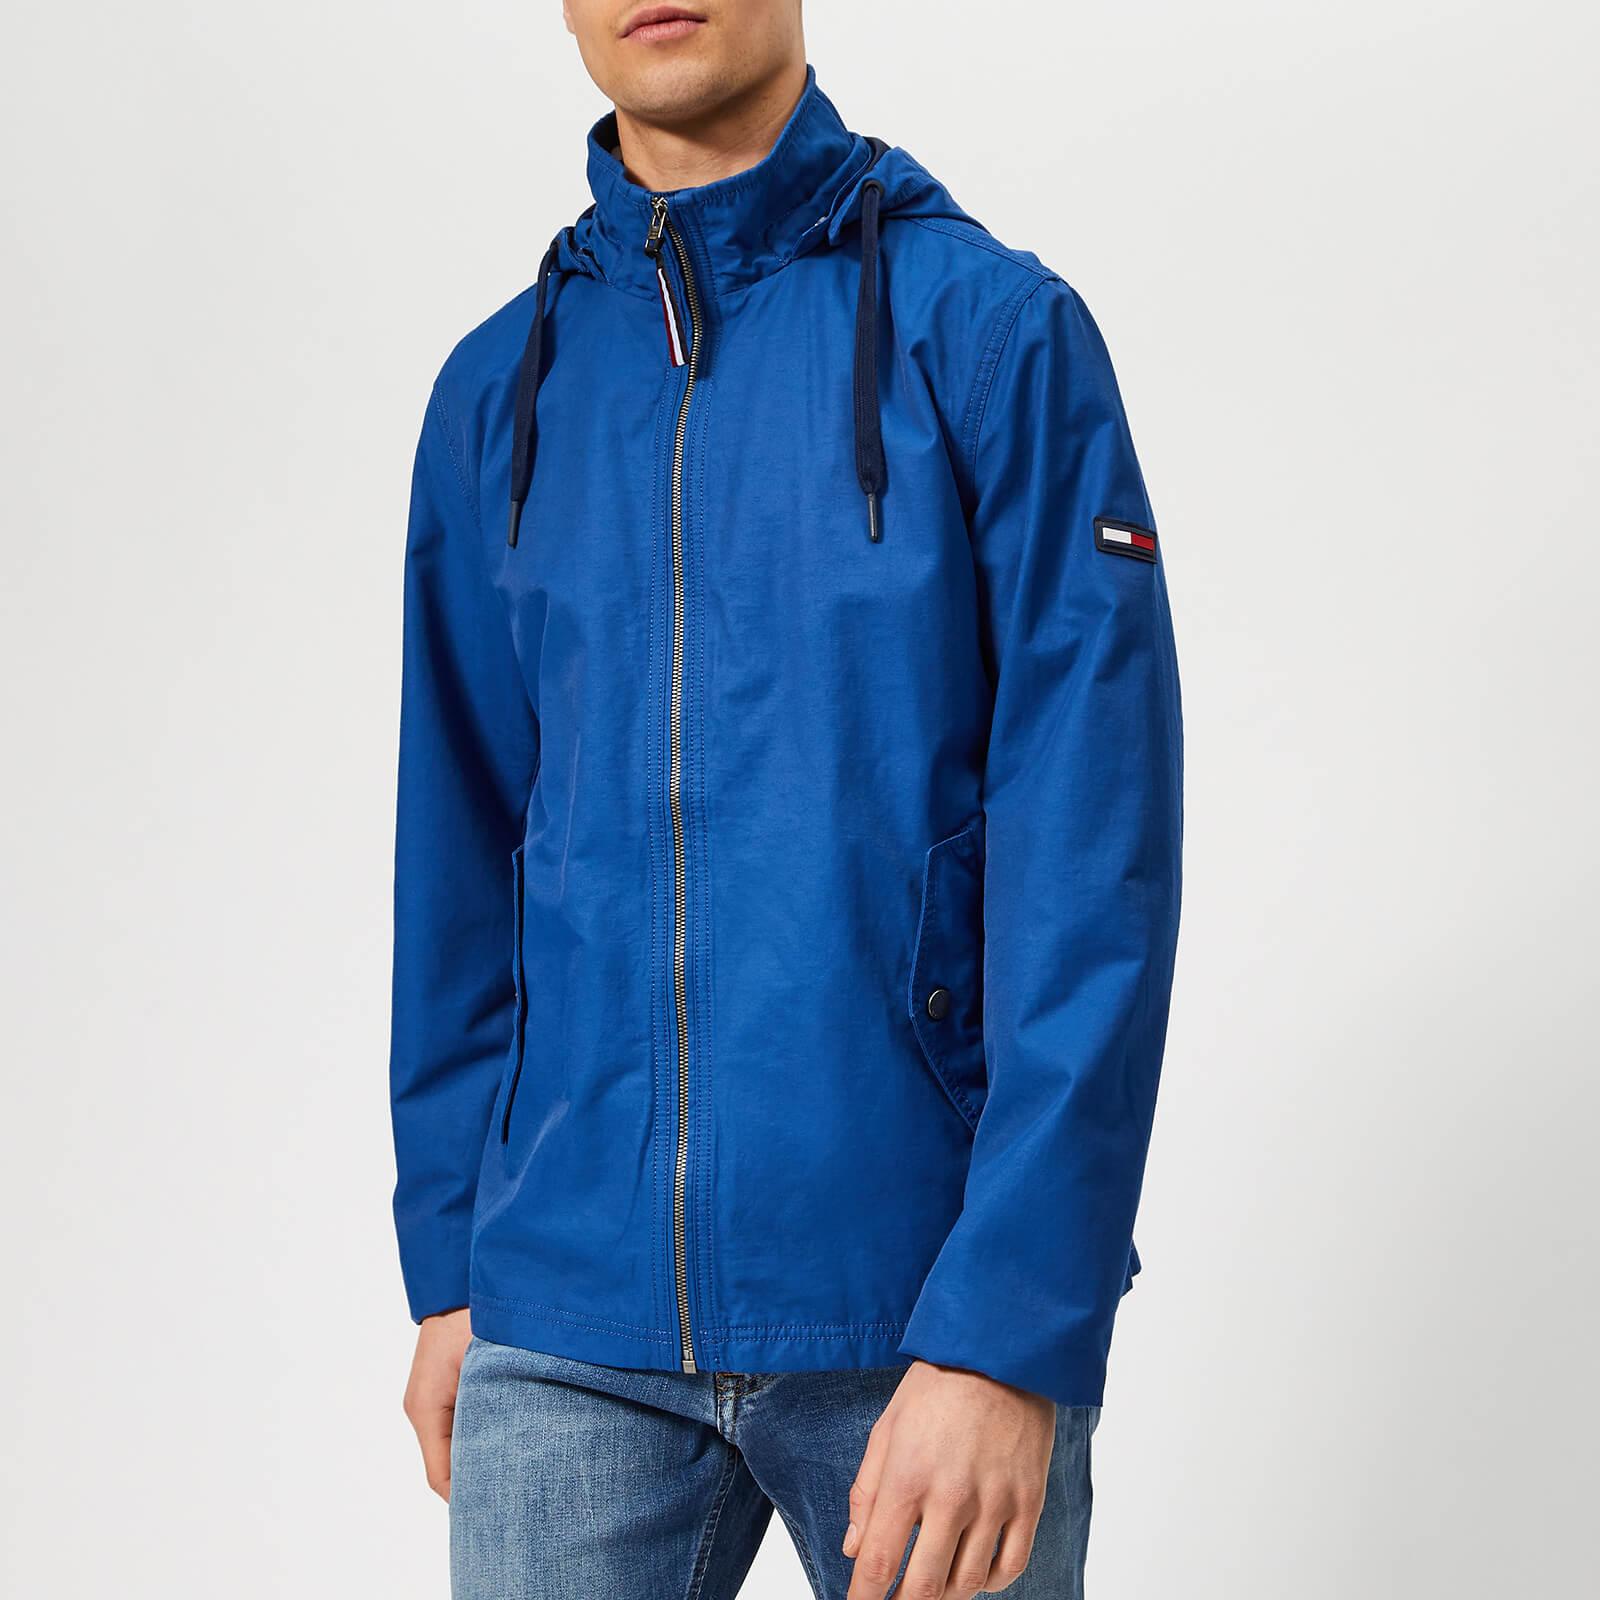 Tommy Jeans Men's Essential Hooded Jacket - Limoges - S - Blue